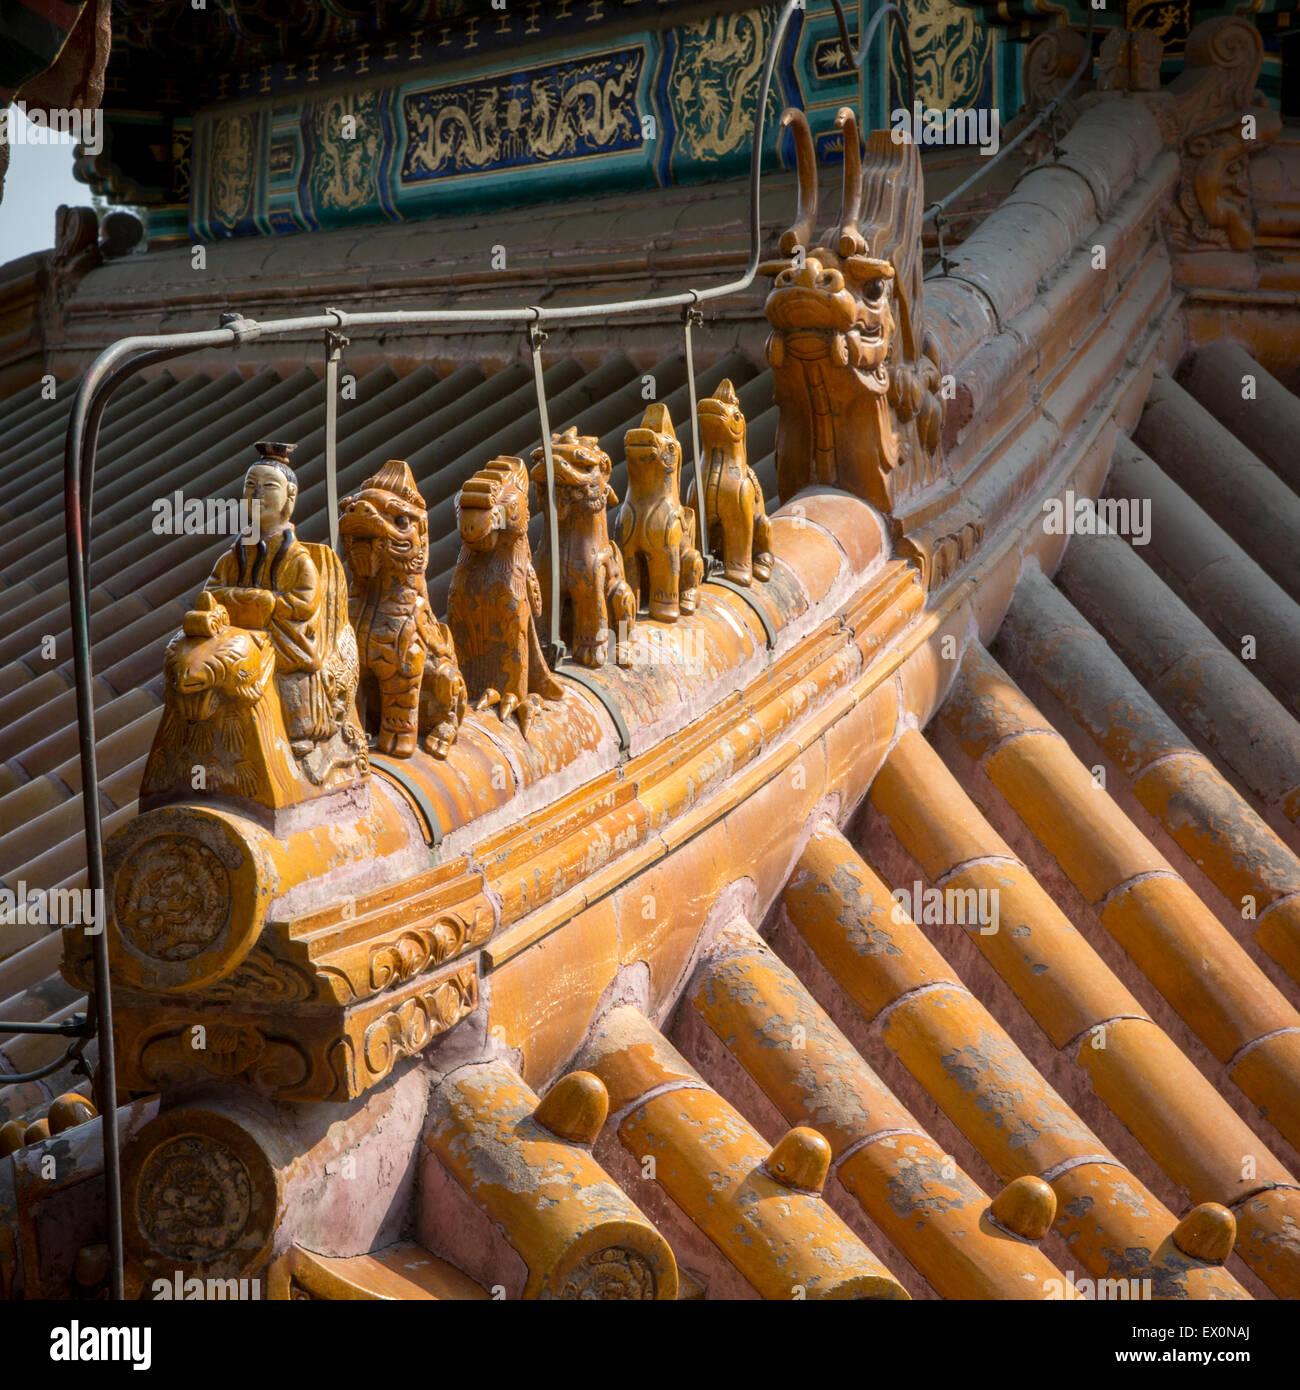 Dettaglio del tetto, il Summer Palace, Pechino, Cina Immagini Stock